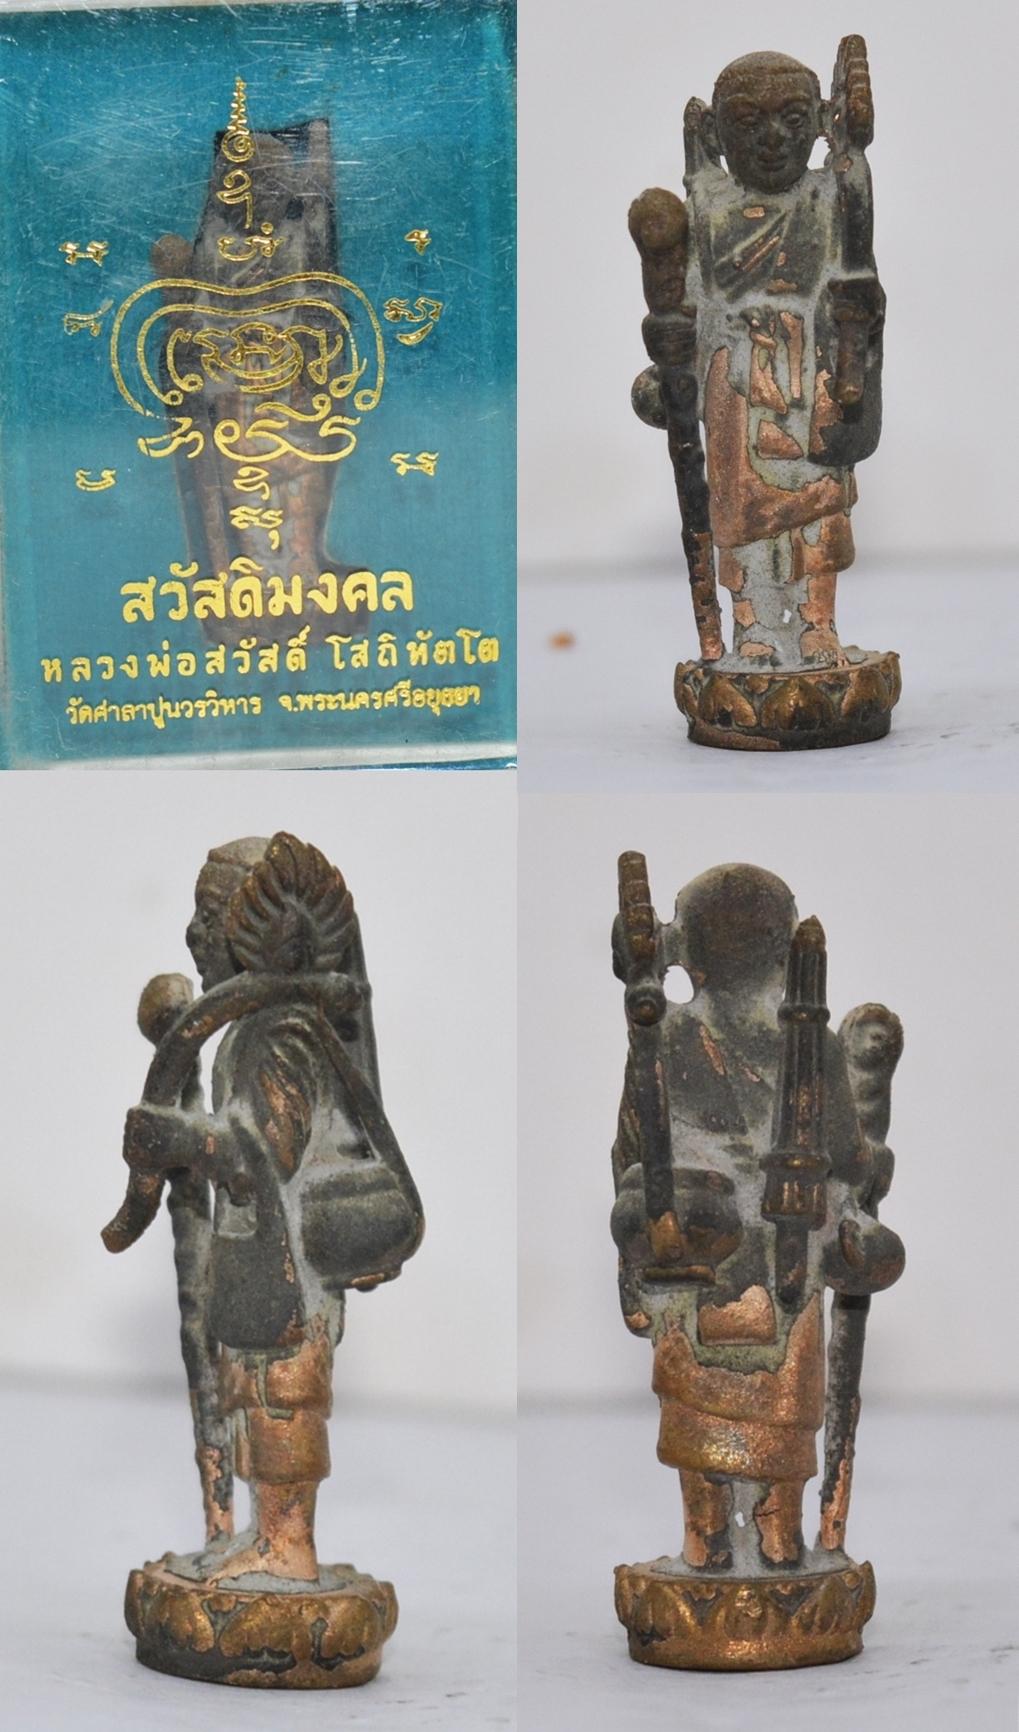 พระสีวลี เนื้อชนวน หลวงพ่อสวัสดิ์ วัดศาลาปูน อยุธยา 2552